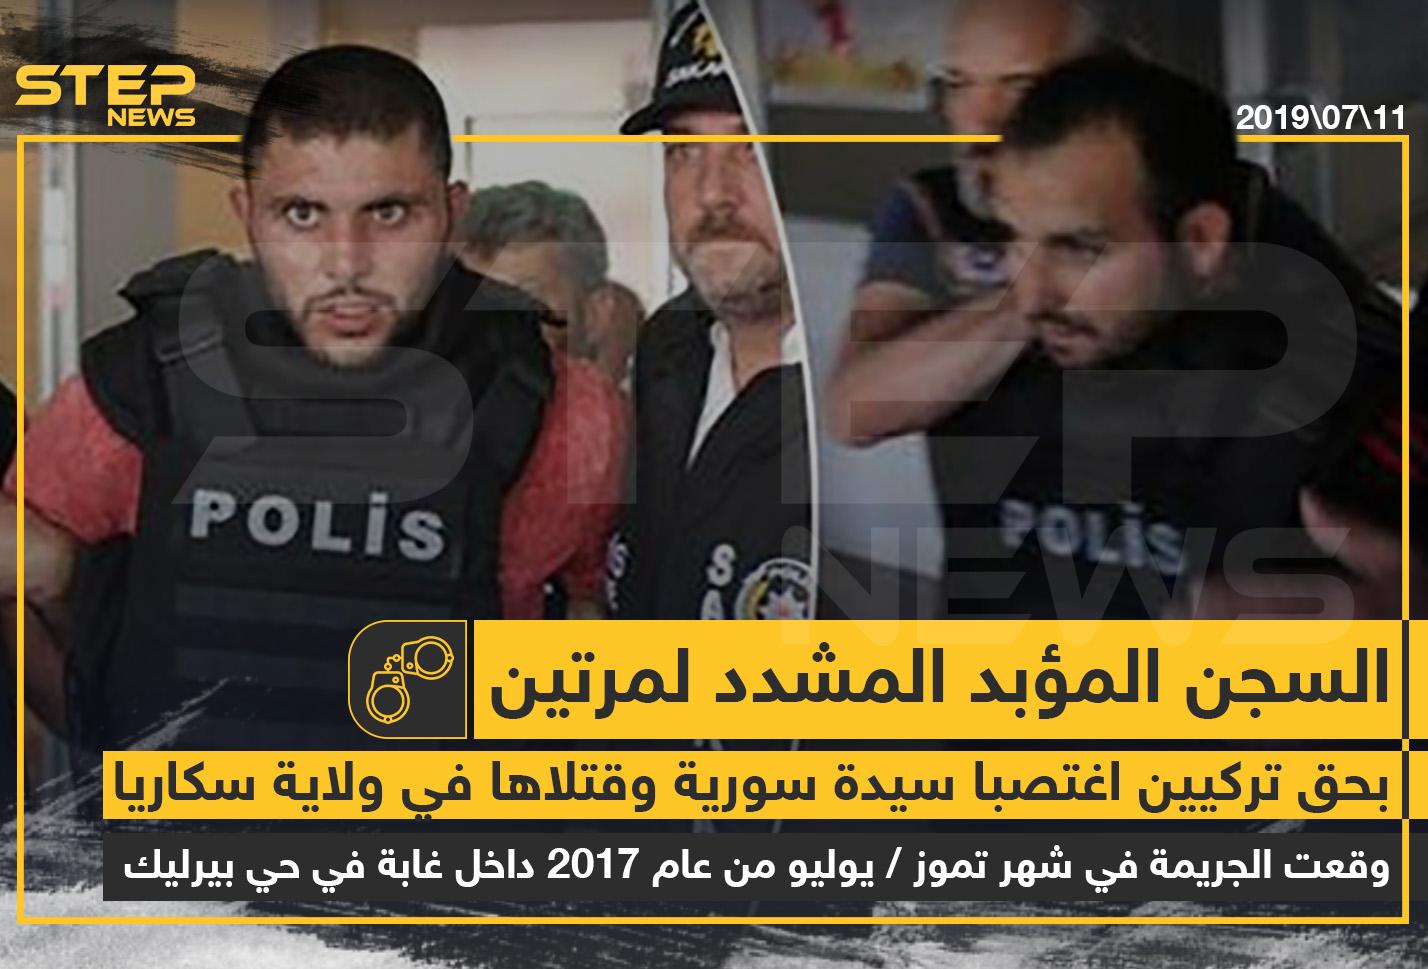 السجن المؤبد المشدد مرتين بحق تركيين اغتصبا سيدة سورية وقتلاها بولاية سكاريا